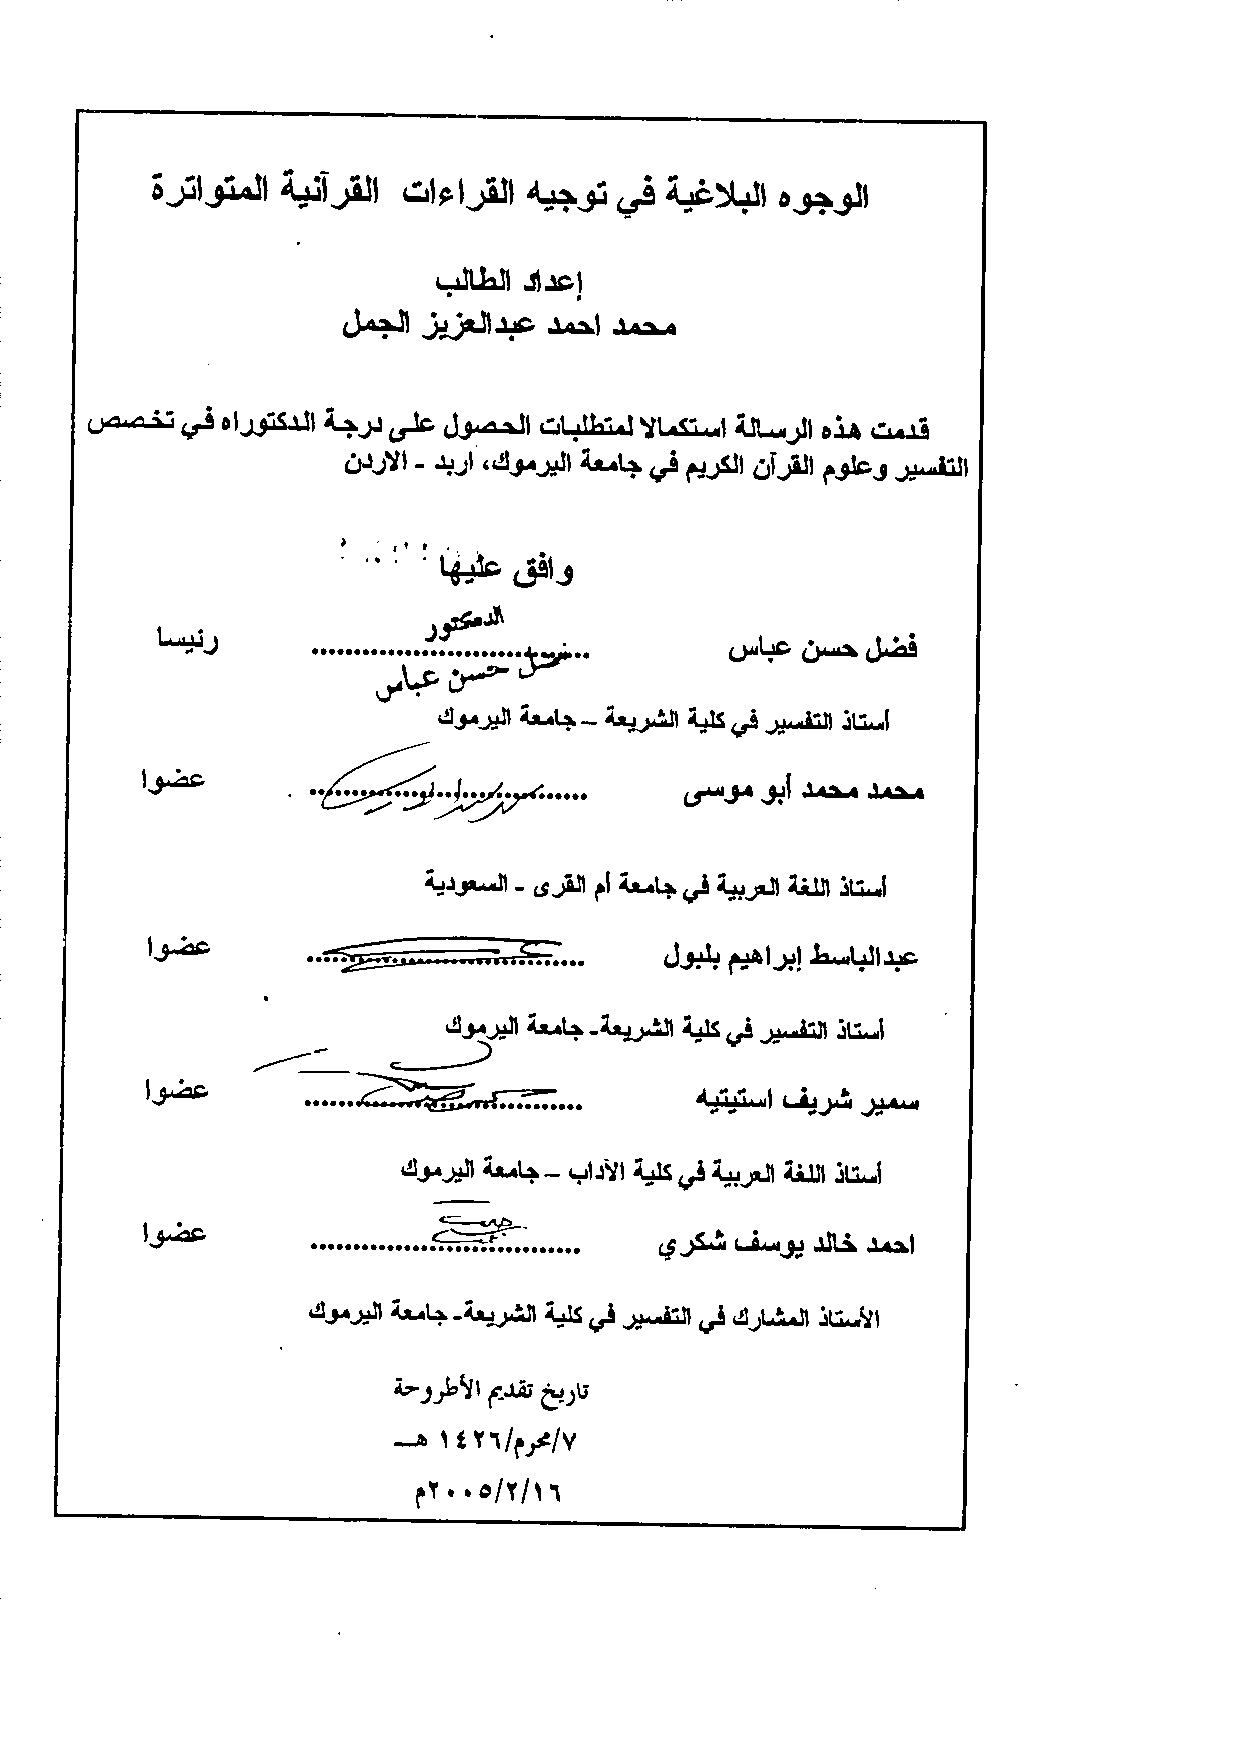 تحميل كتاب الوجوه البلاغية في توجيه القراءات القرآنية المتواترة لـِ: الدكتور محمد أحمد عبد العزيز الجمل